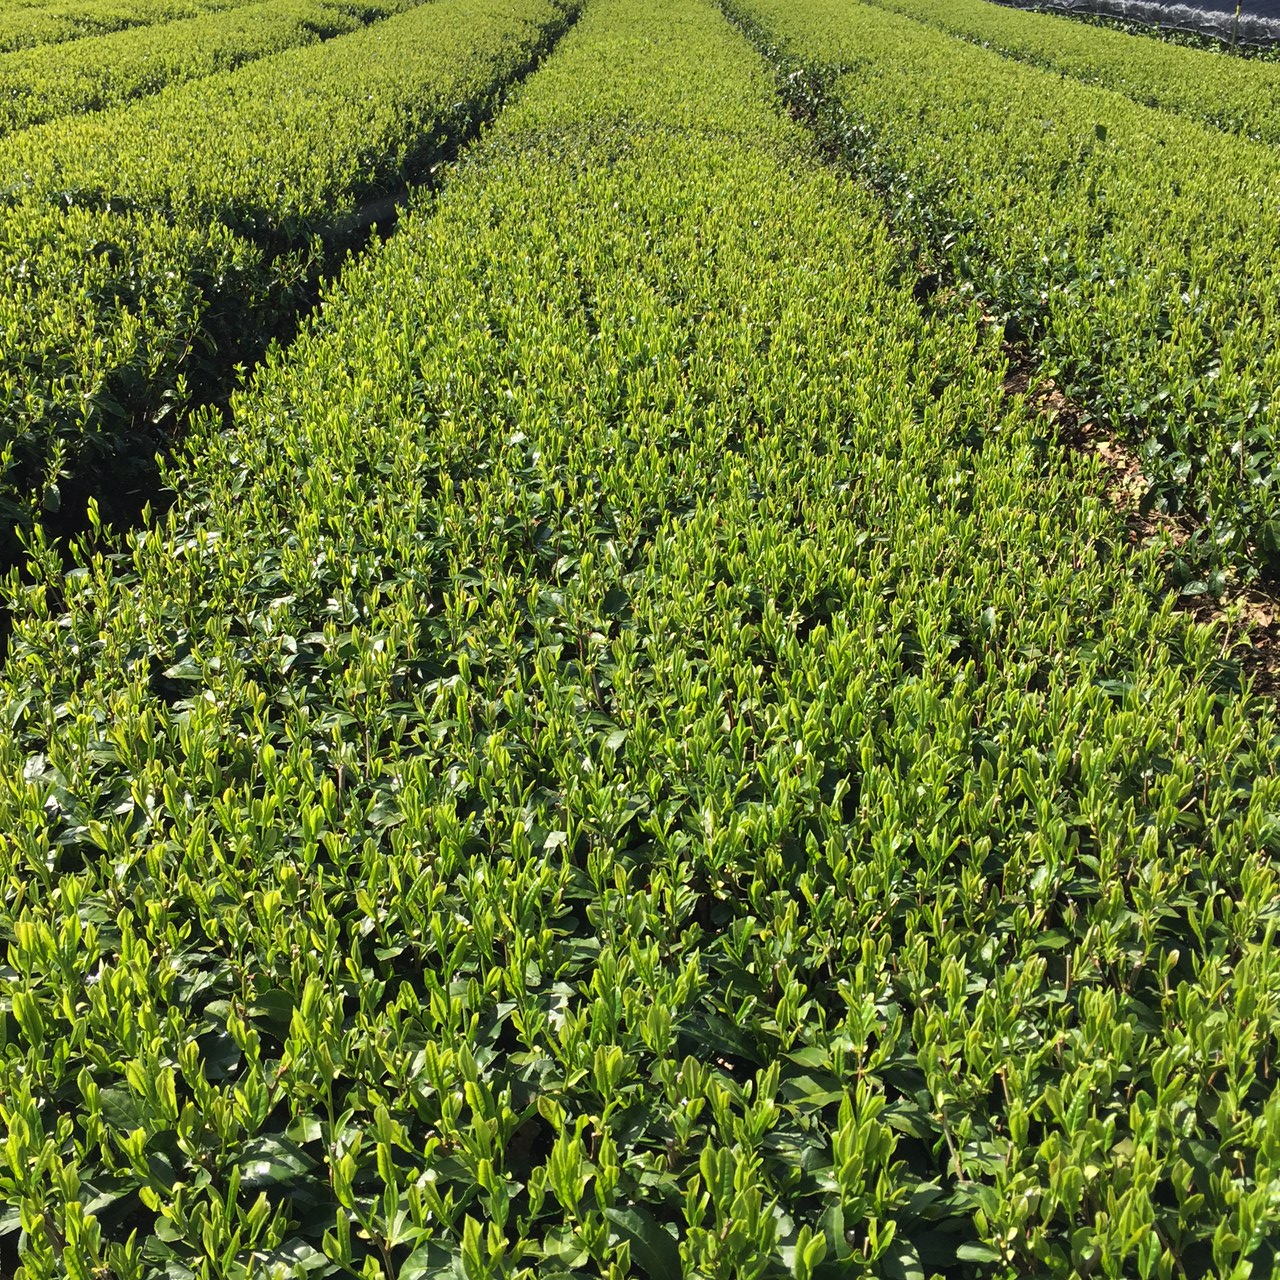 2017年4月19日かごしま緑茶の茶園風景です。品種はヤブキタです。小さな新芽成長中。